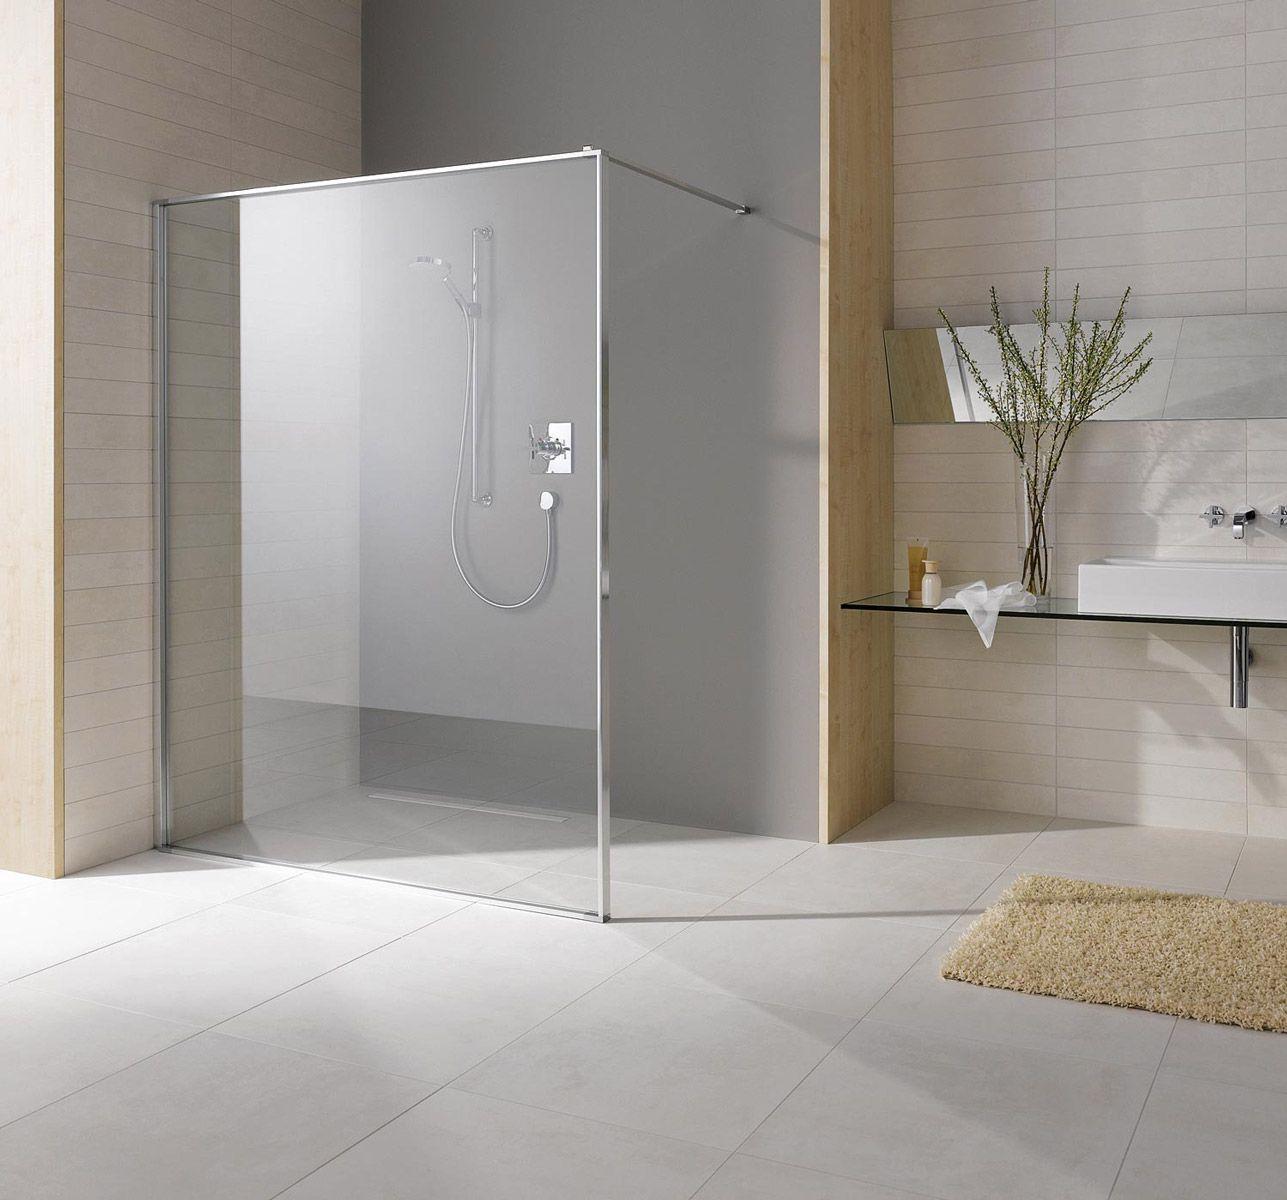 paroi de douche ouverte en verre leda s550 espace aubade salle de bain salle de bains. Black Bedroom Furniture Sets. Home Design Ideas